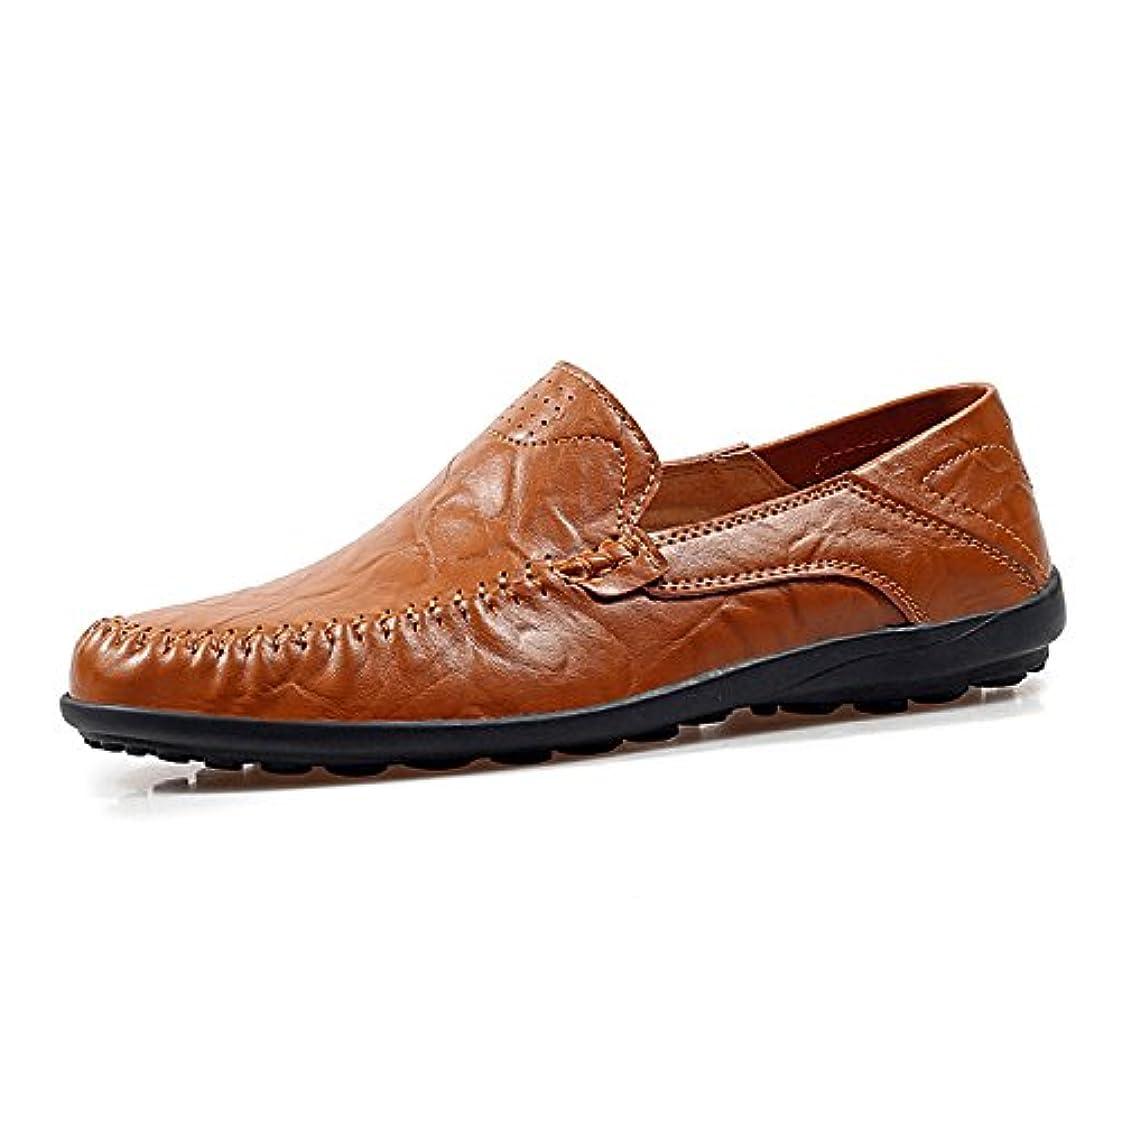 評価五米ドルWOWEI ビジネスシューズ ピーズの靴 モカカジュアルシューズ スリッポン ローファー 大きいサイズ 牛革 紳士靴 防滑 軽量 通勤 革靴 カジュアル モカシン デッキシューズ モカシン靴 メンズ ドライビングシューズ